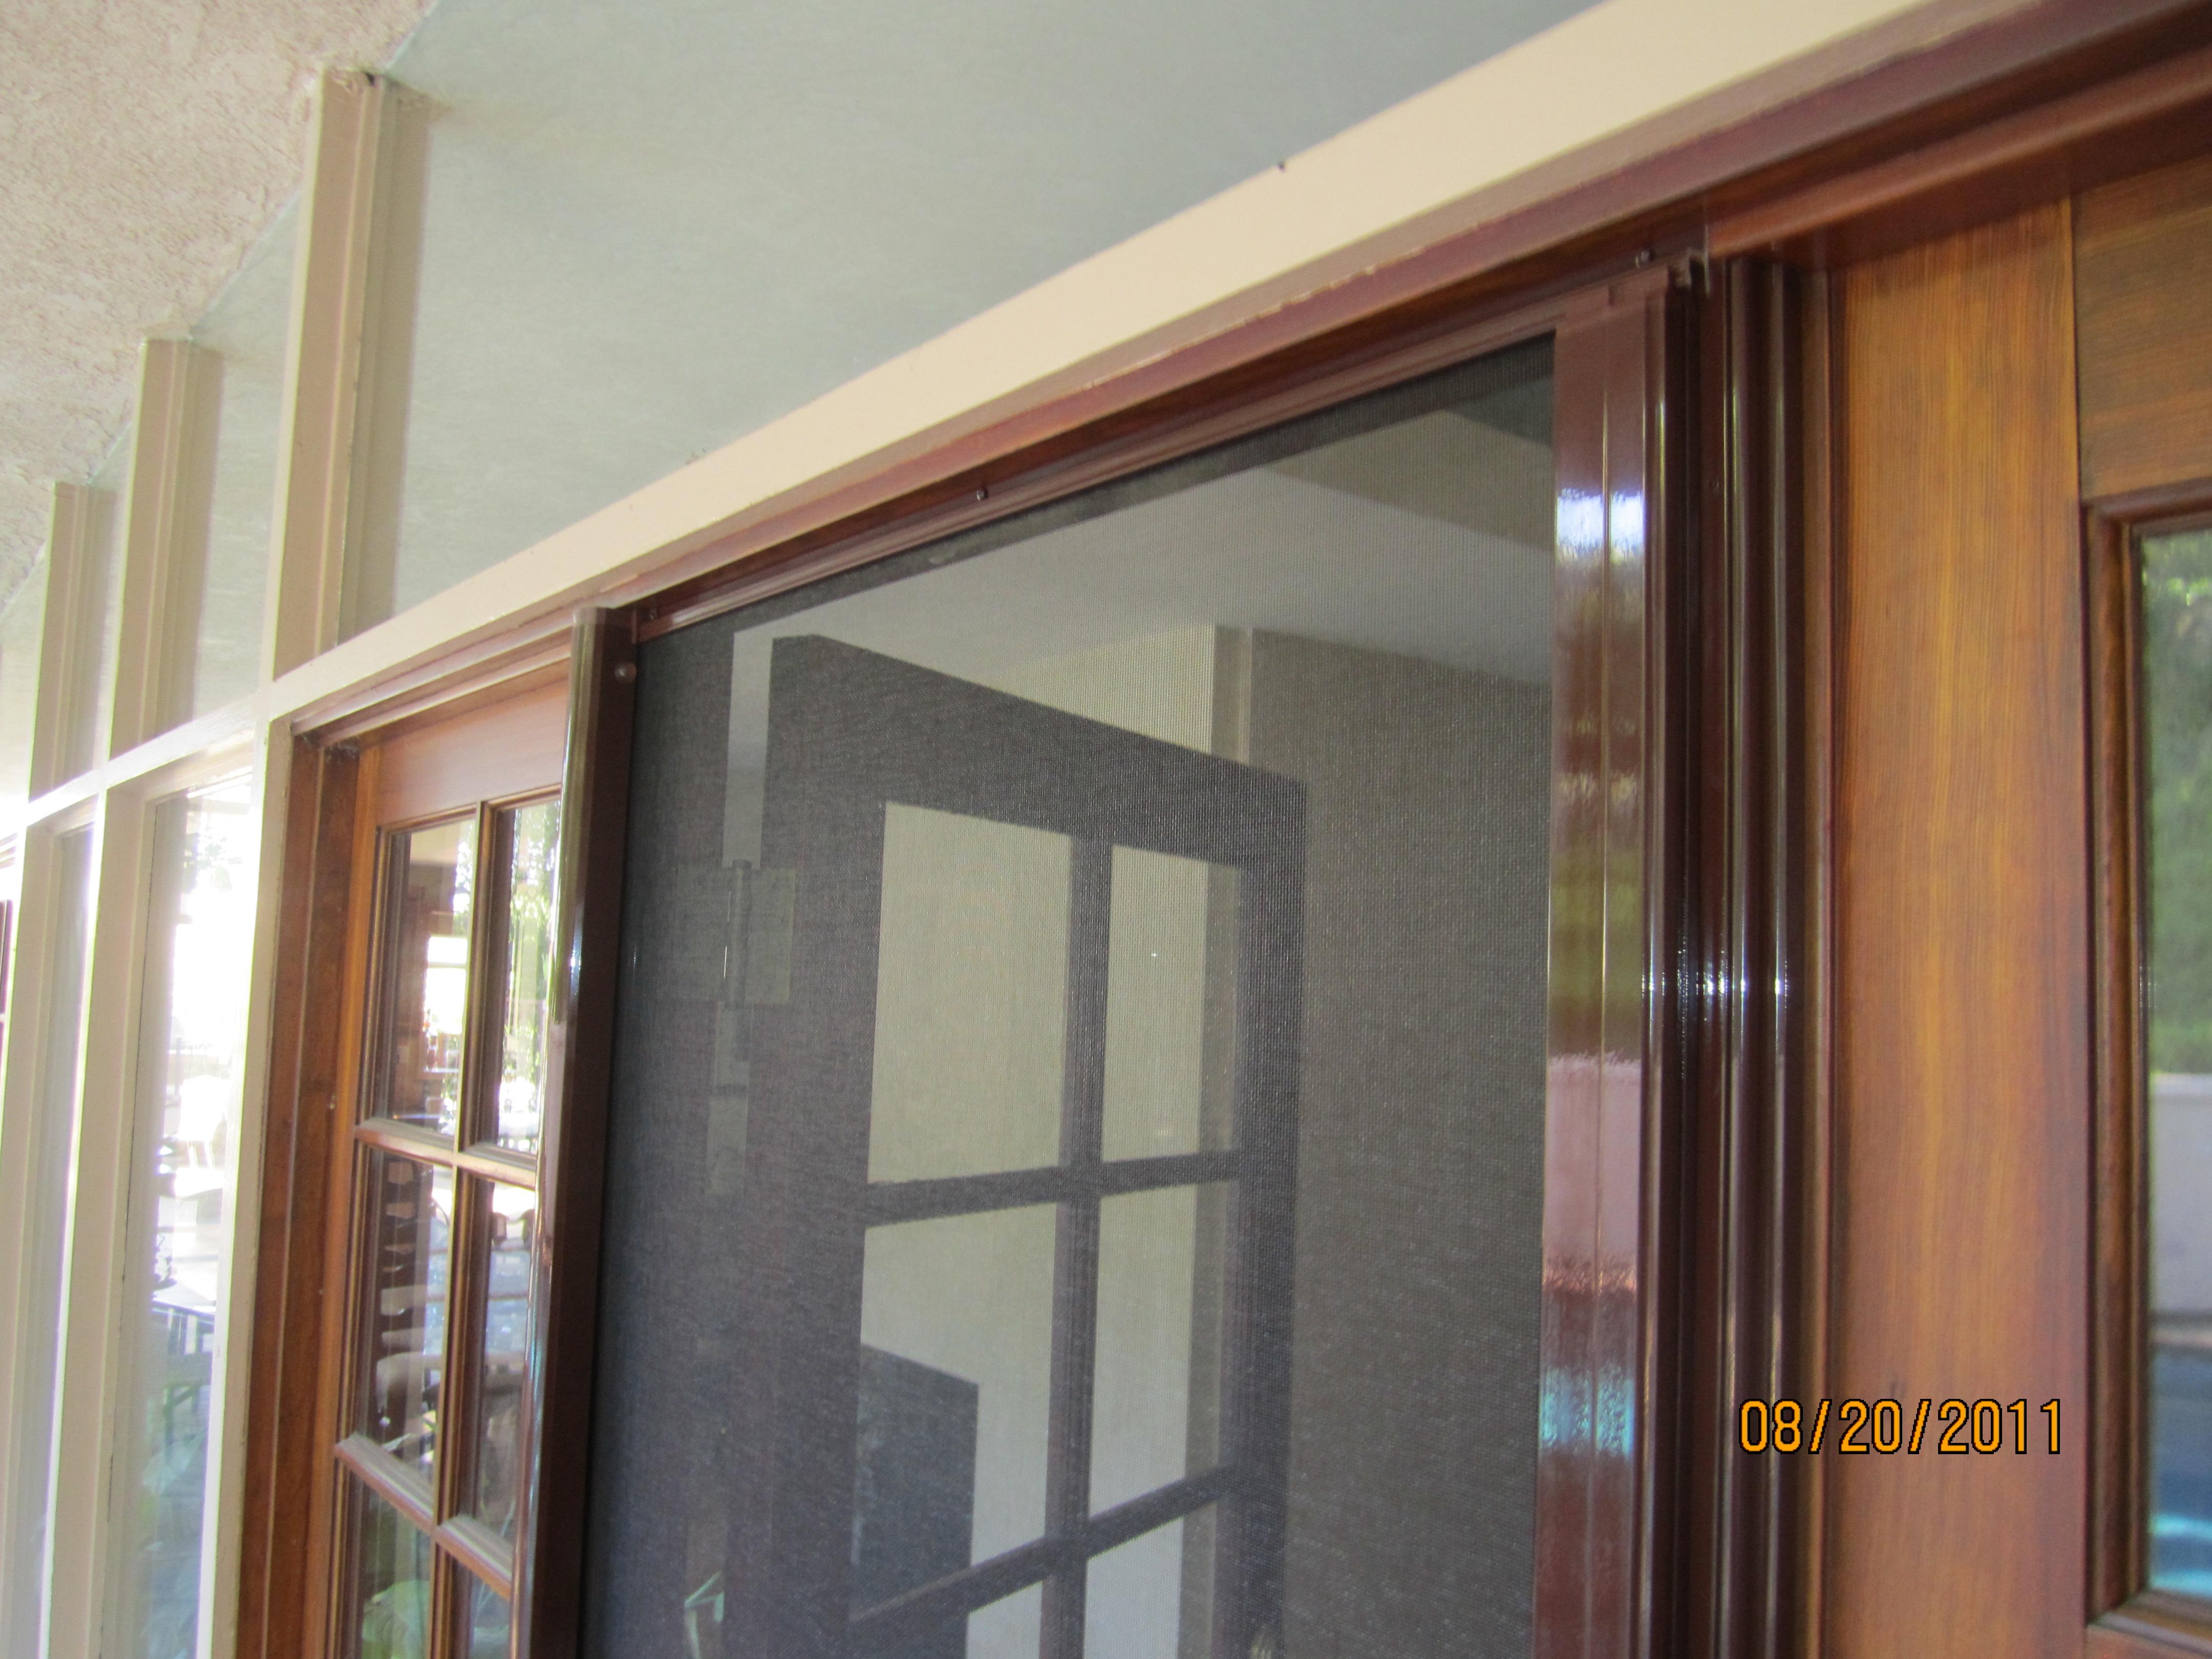 Hideaway door screen 3000 series self storing storm door for Hideaway retractable screens